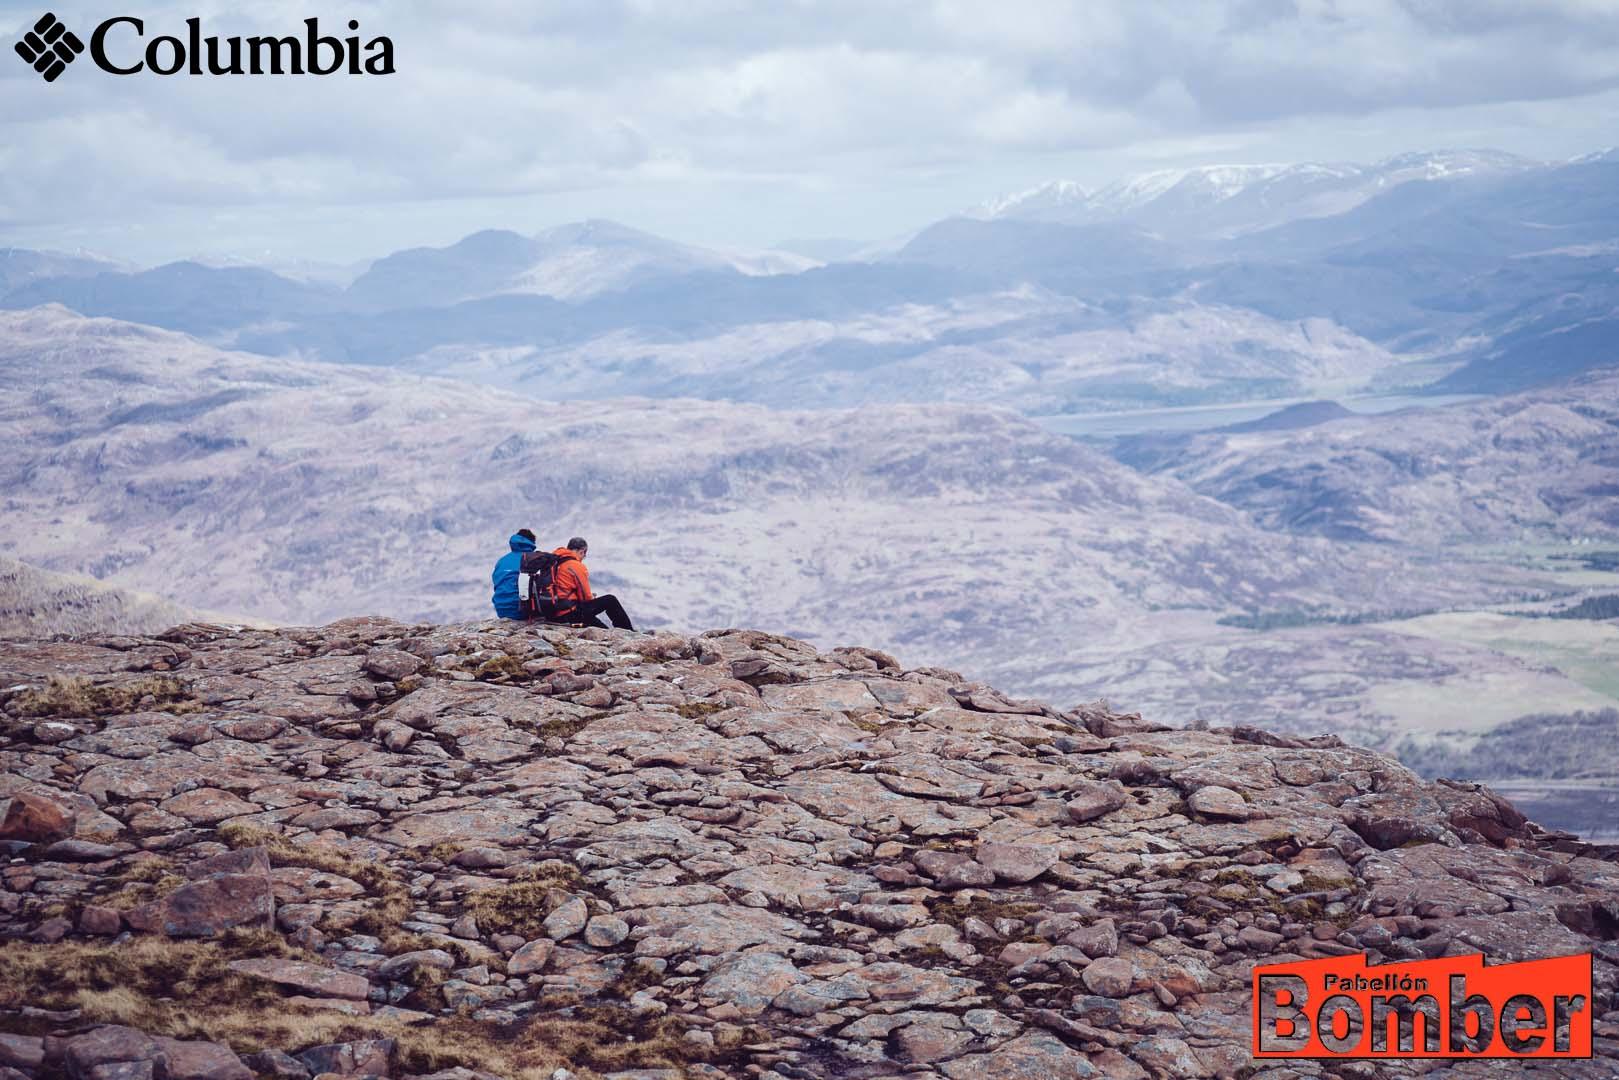 Columbia Montaña (Bomber)